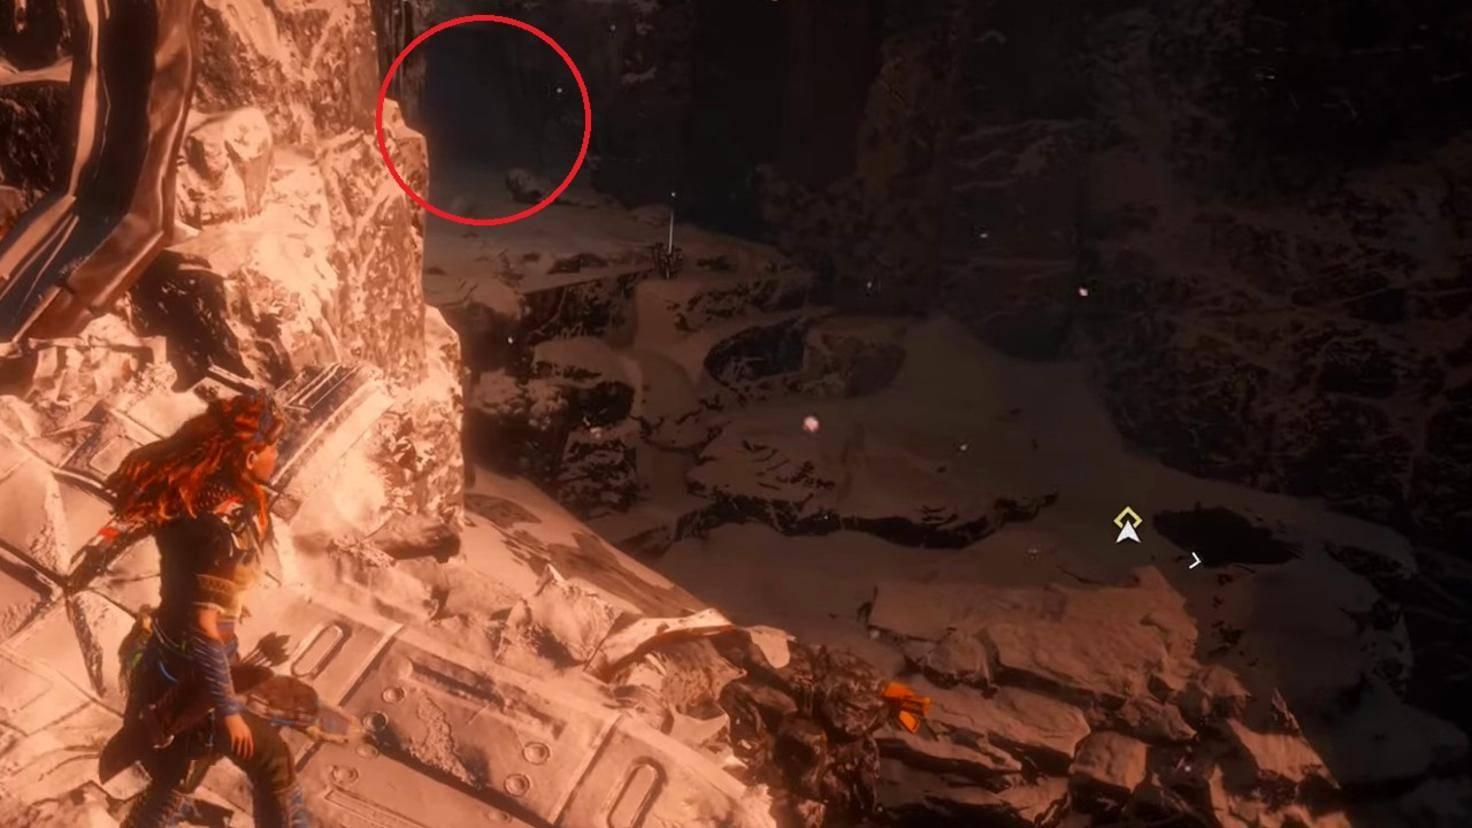 Von der Plattform in der Nähe des Seils aus kannst Du den Höhleneingang (roter Kreis) erahnen.